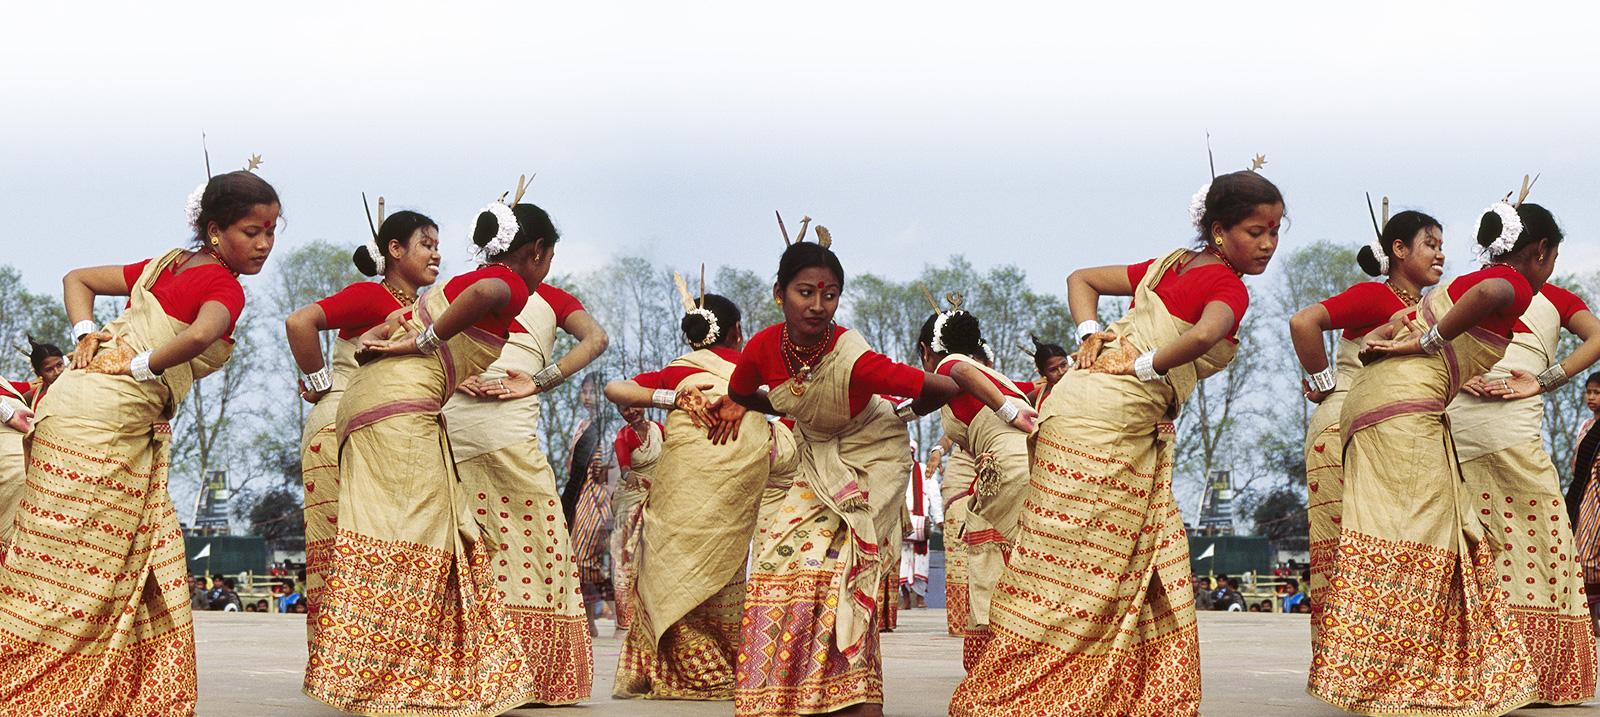 Bihu dance - Wikipedia